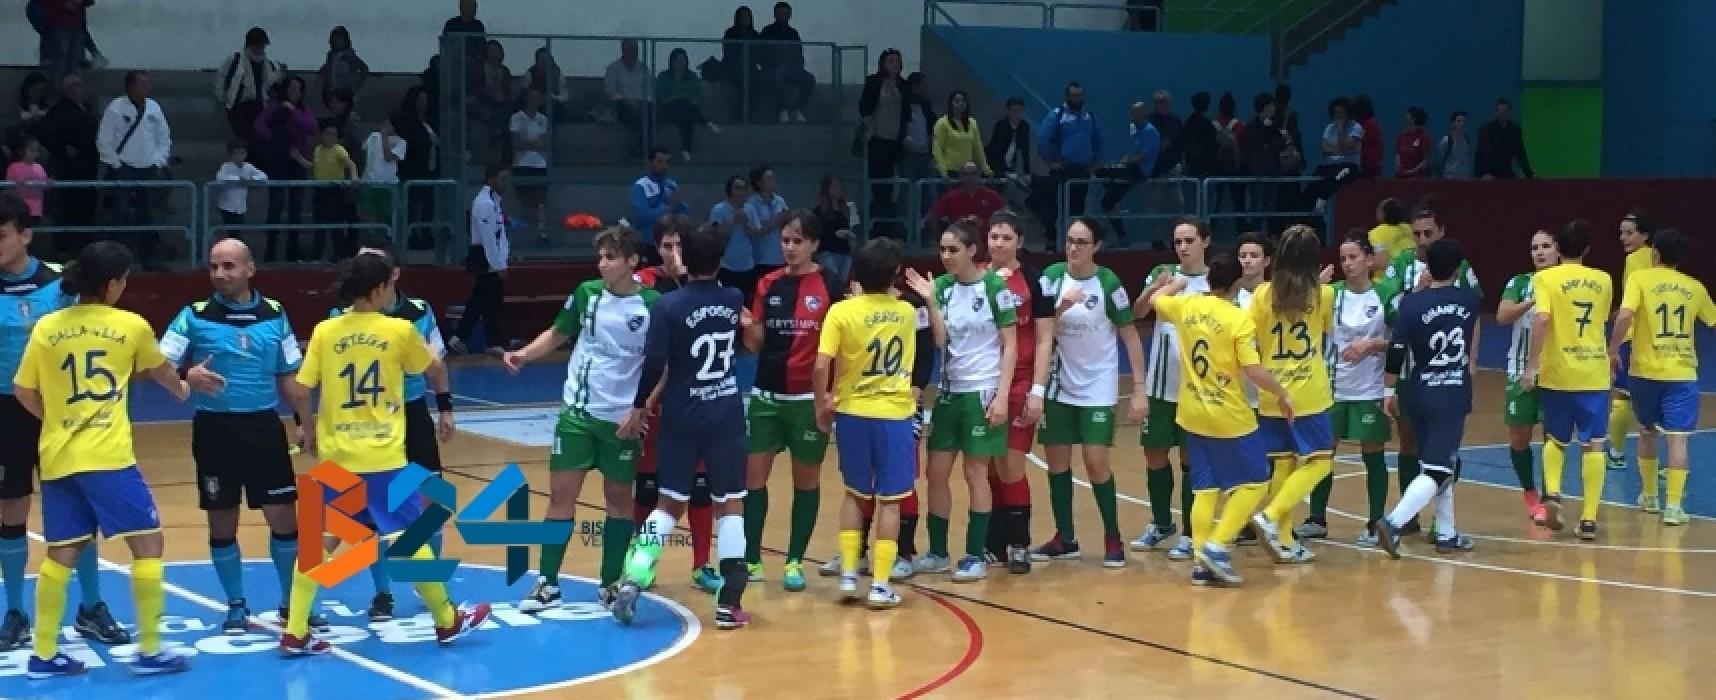 Un'ottima Arcadia sconfitta dal Montesilvano, tris D'alessandro per l'acuto Futsal Bisceglie / CLASSIFICHE